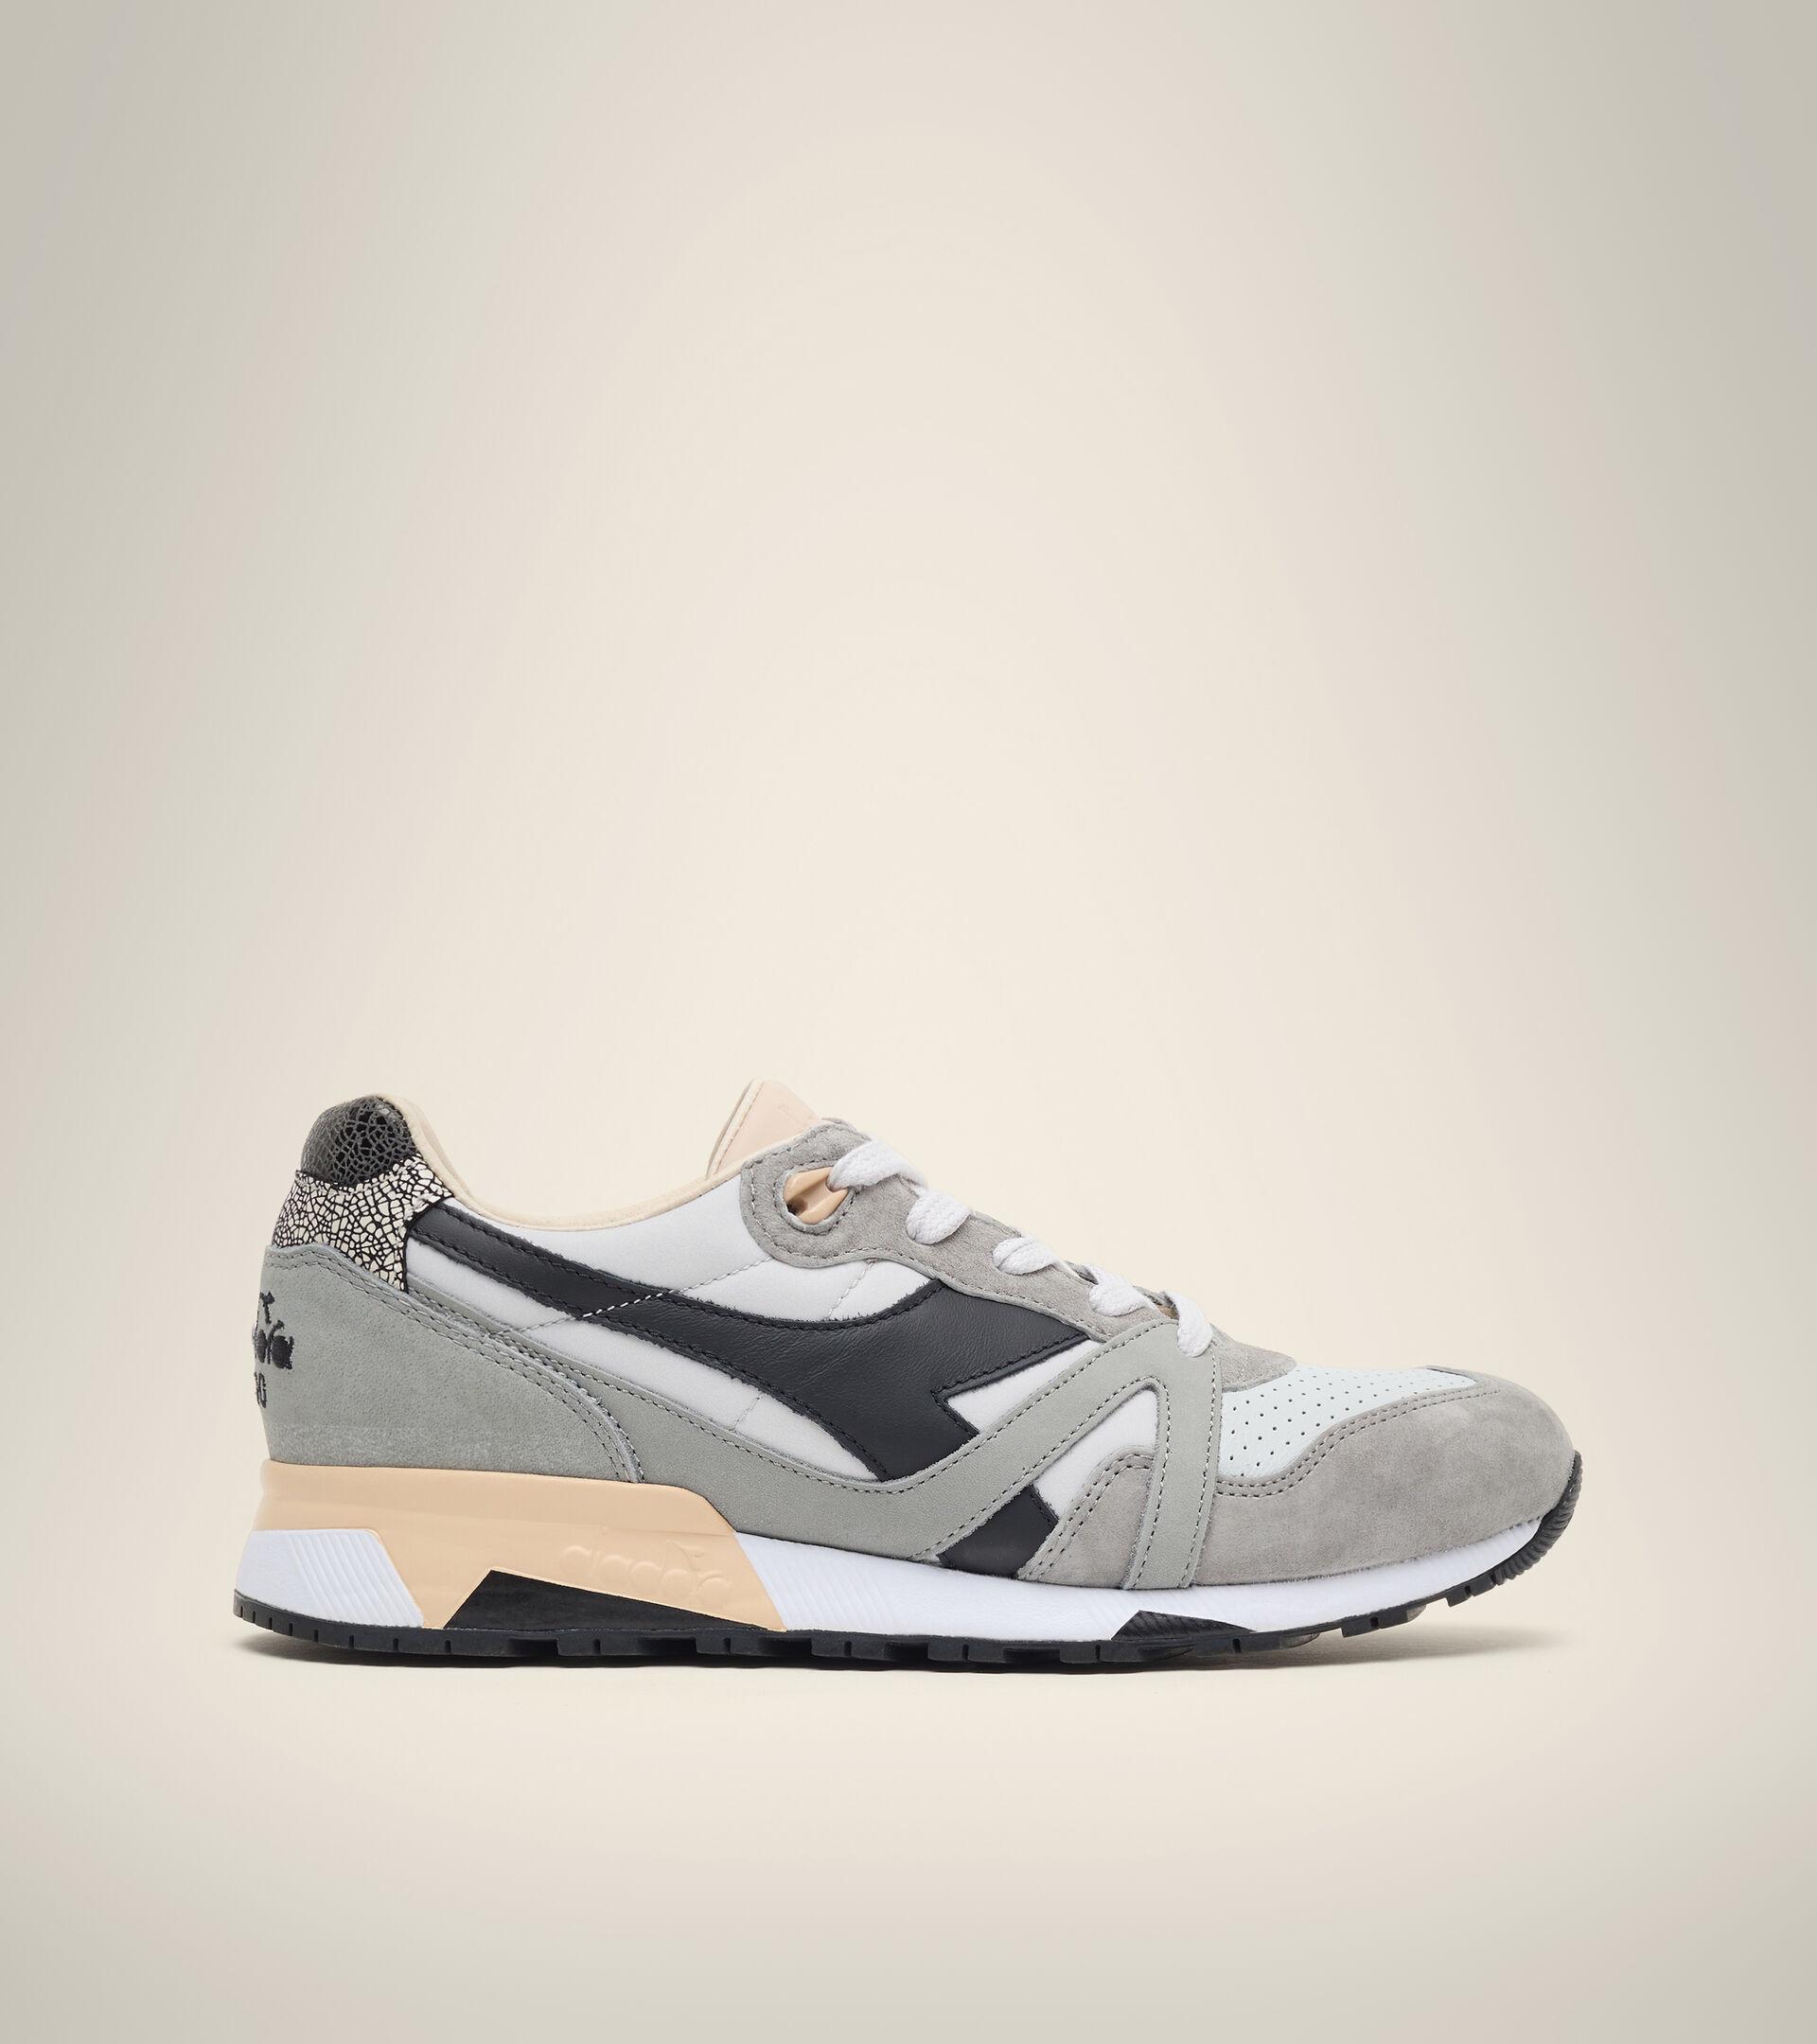 Footwear Heritage UOMO N9000 ITALIA GLACIER GRAY Diadora